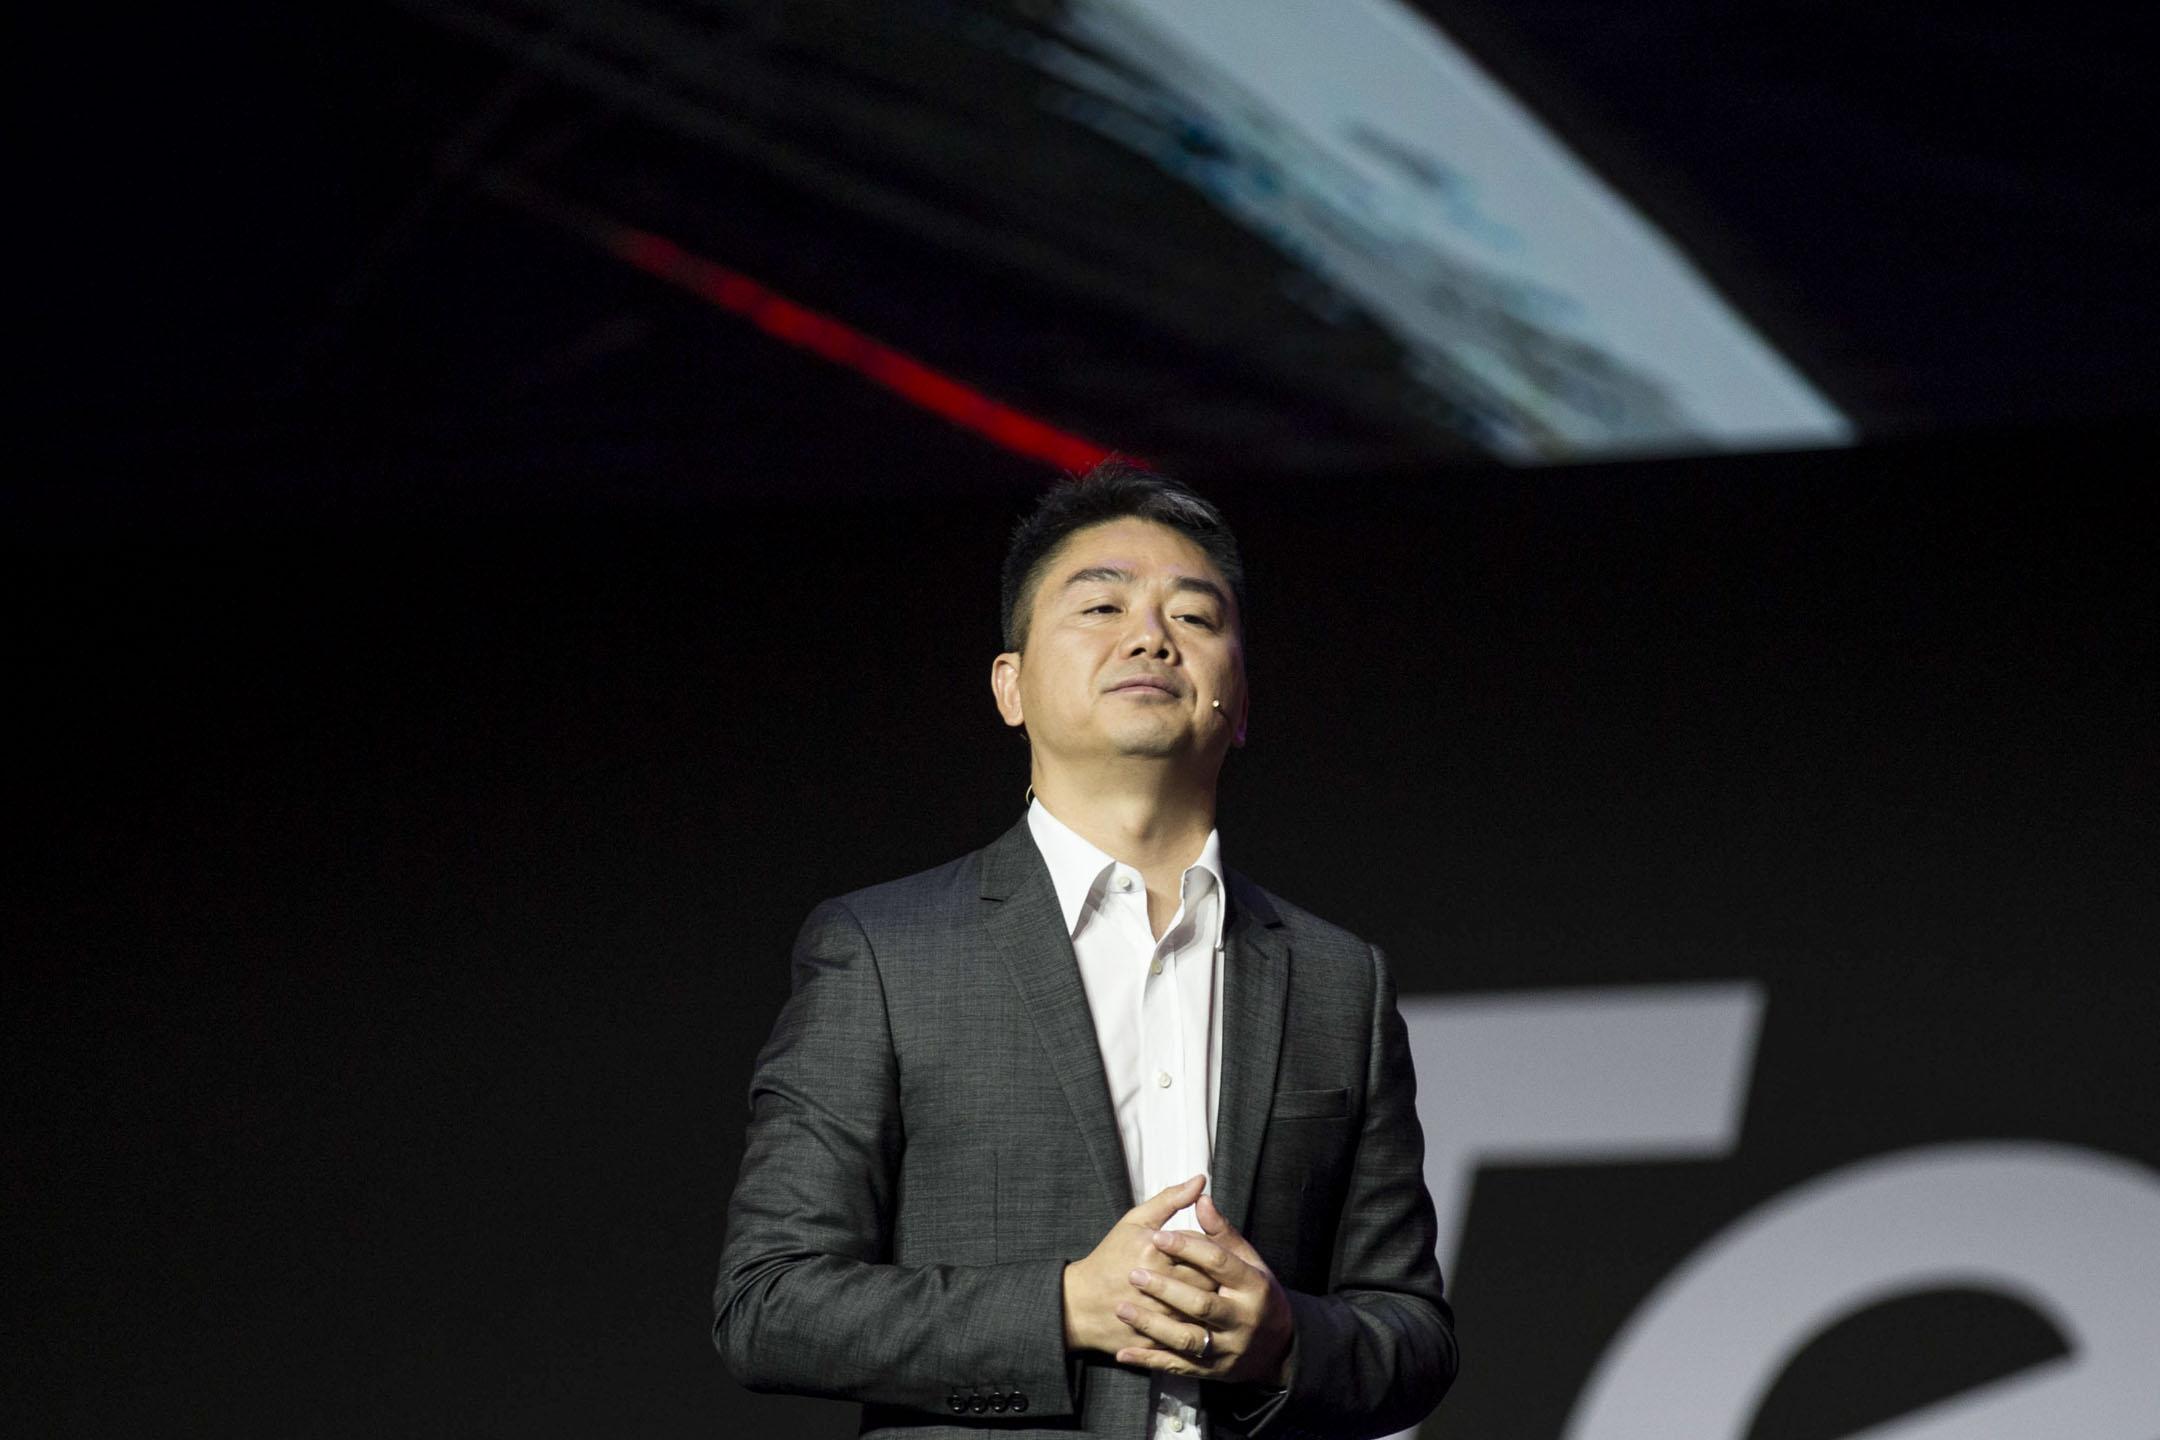 劉強東於2018年陷入的性侵訴訟仍繼續進行中。圖為2017年7月20日,劉強東在上海世博中心舉行的2017年聯想科技世界大會上發表講話。 攝:Visual China Group via Getty Images/Visual China Group via Getty Images